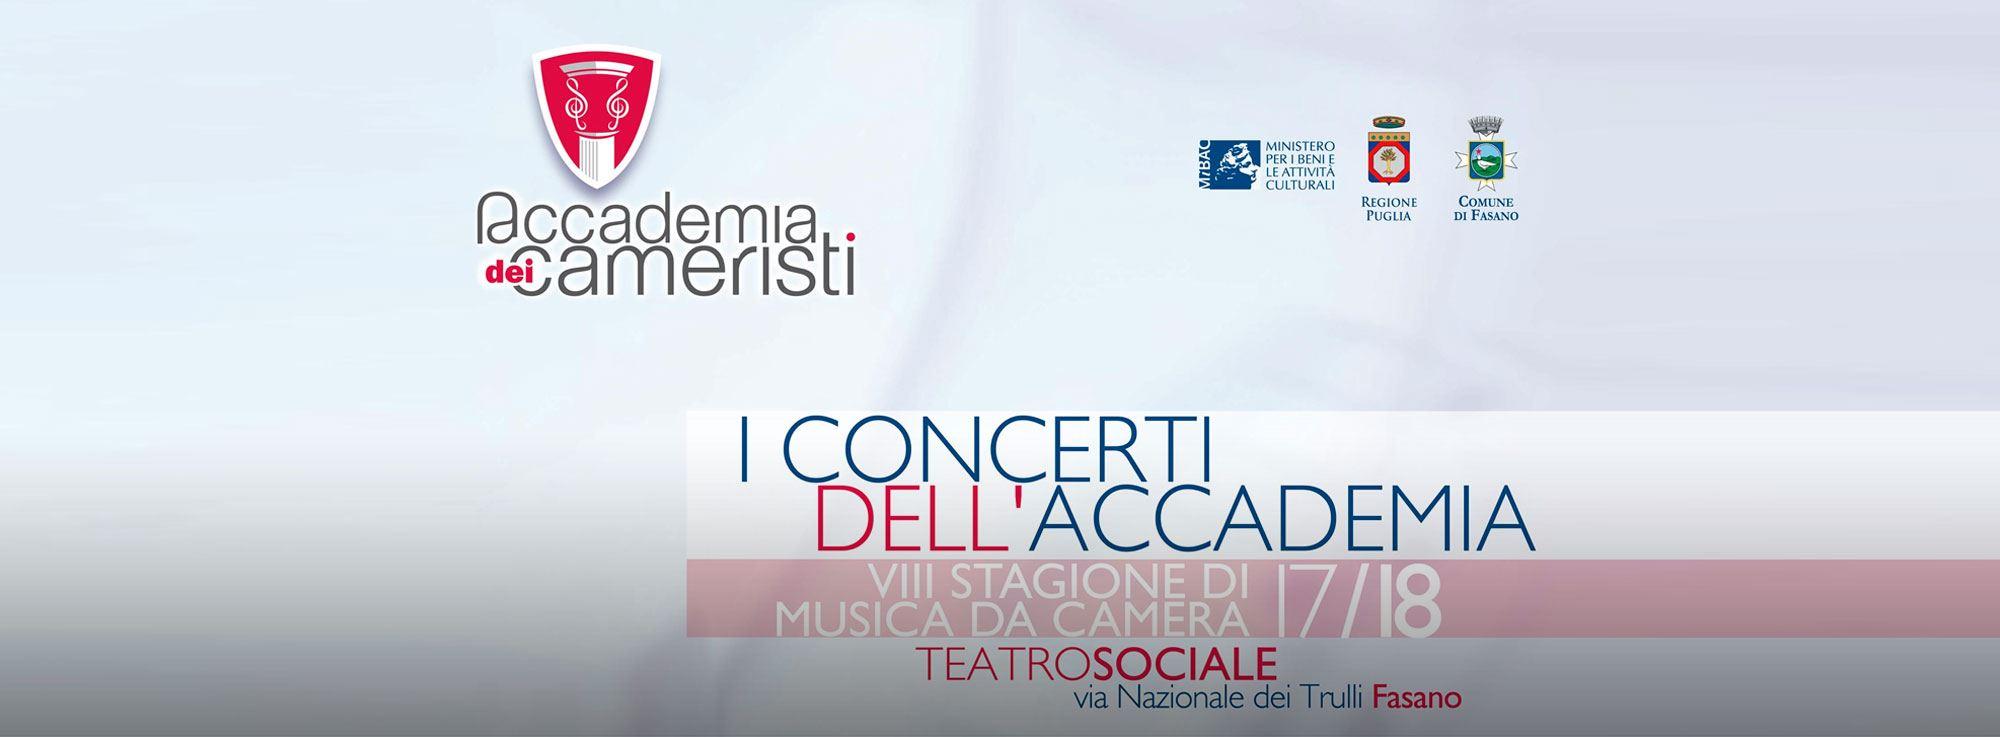 Fasano: VIII stagione concertistica - Accademia dei Cameristi